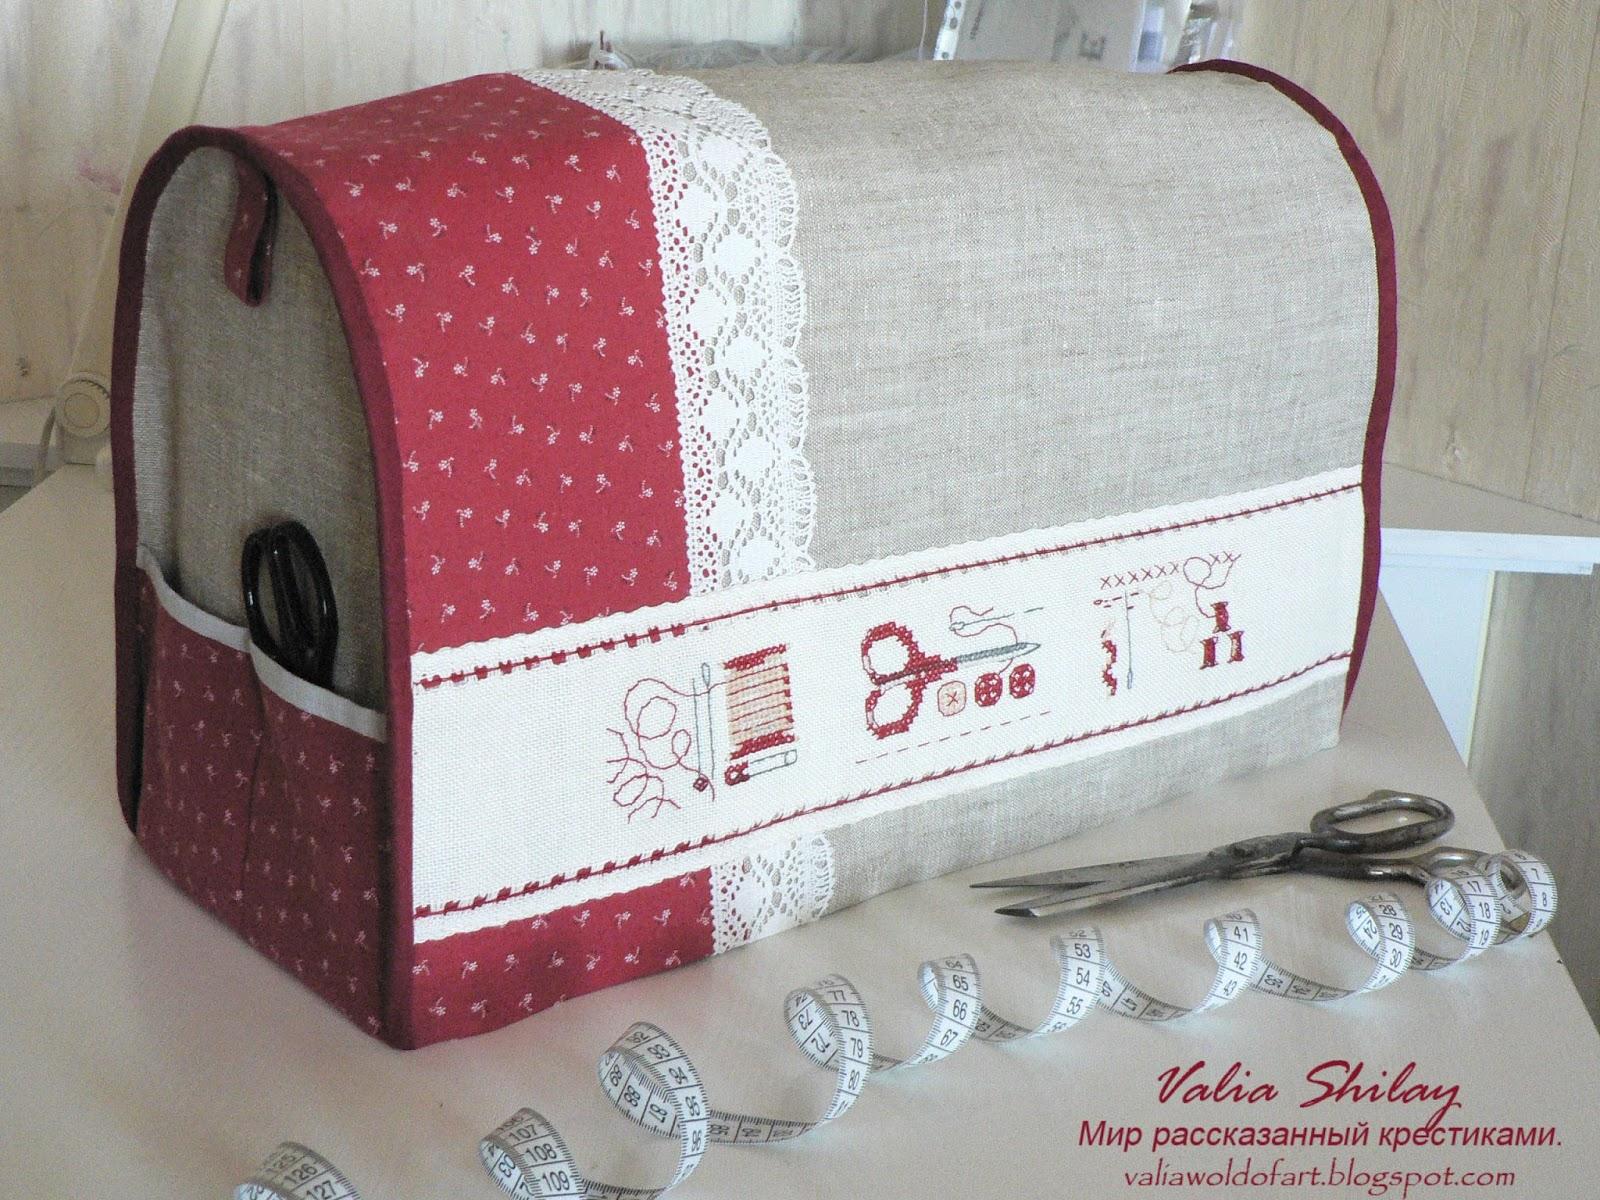 6c41a8a93fb0 Мир рассказанный крестиками...: Чехол на швейную машину